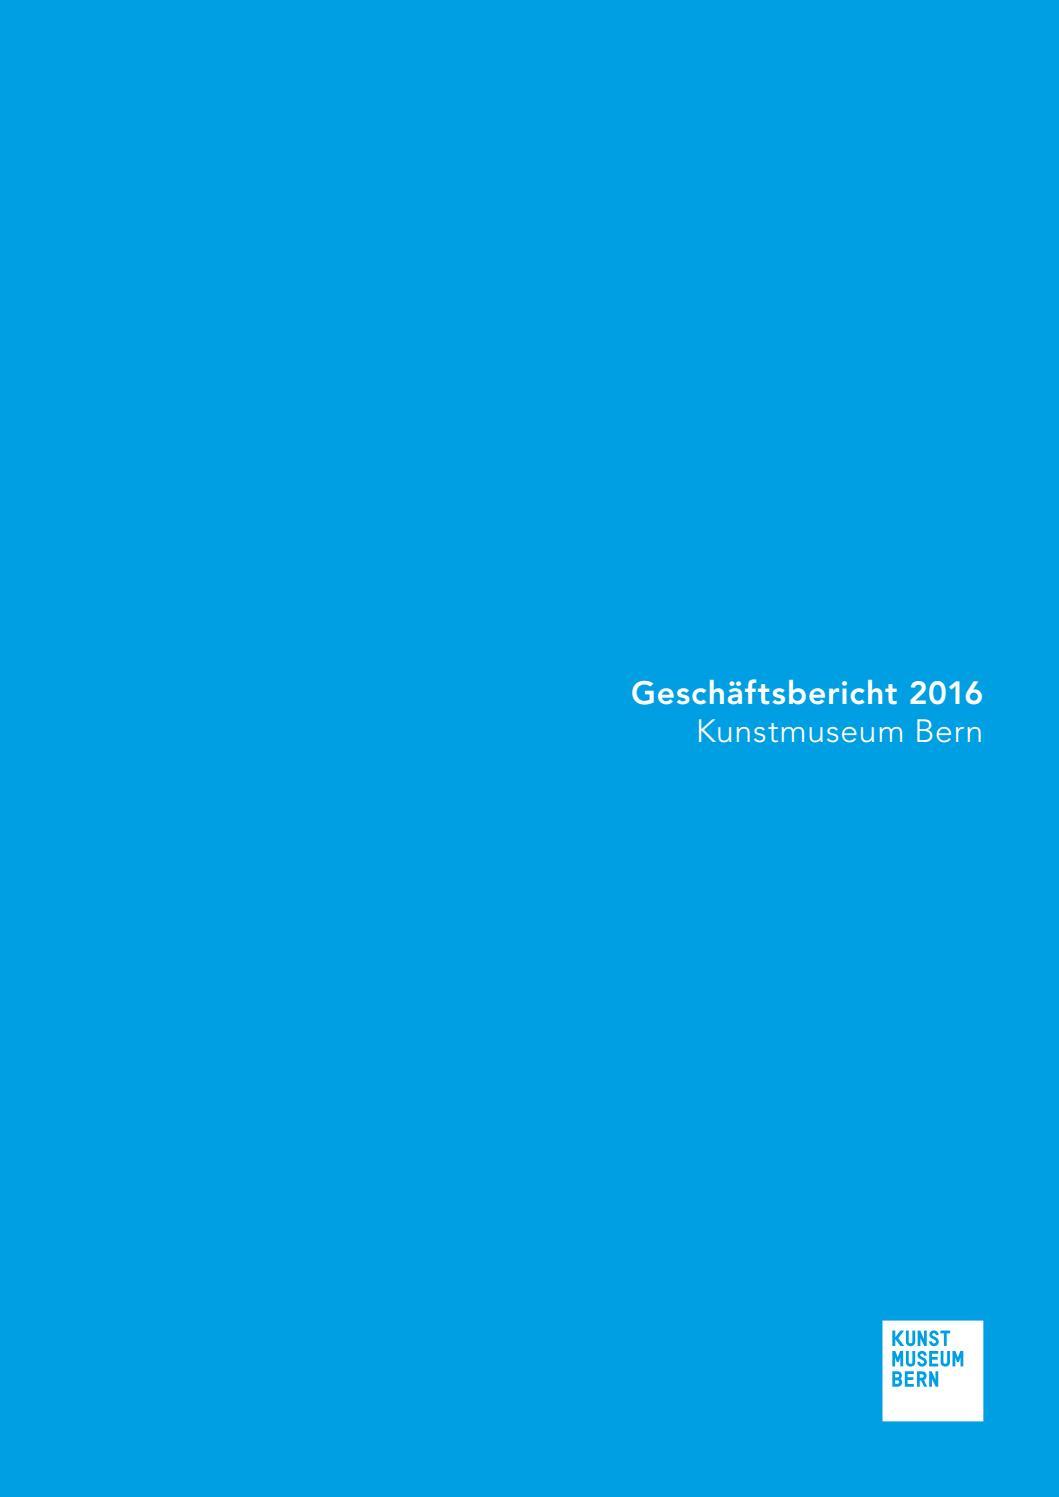 Geschäftsbericht KMB-ZPK 2016 by Kunstmuseum Bern - issuu